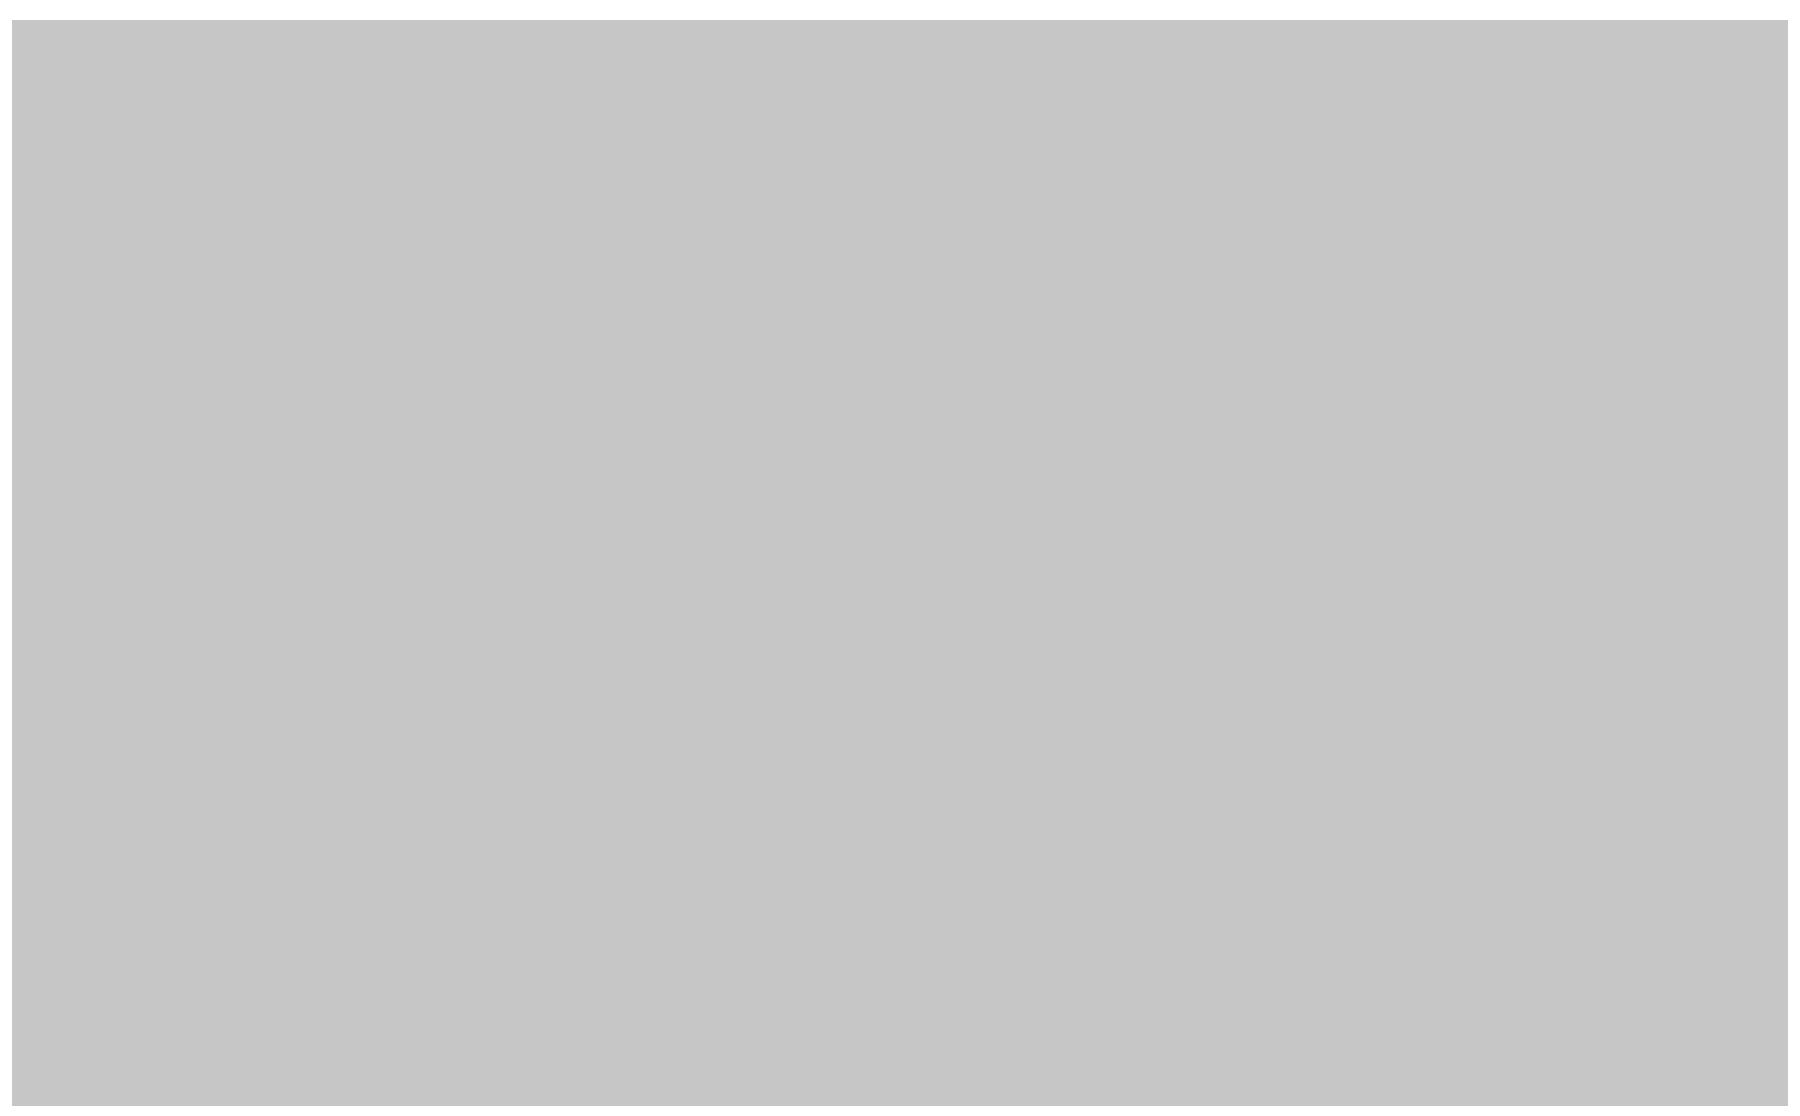 Silouhette de bateau en arrière-plan